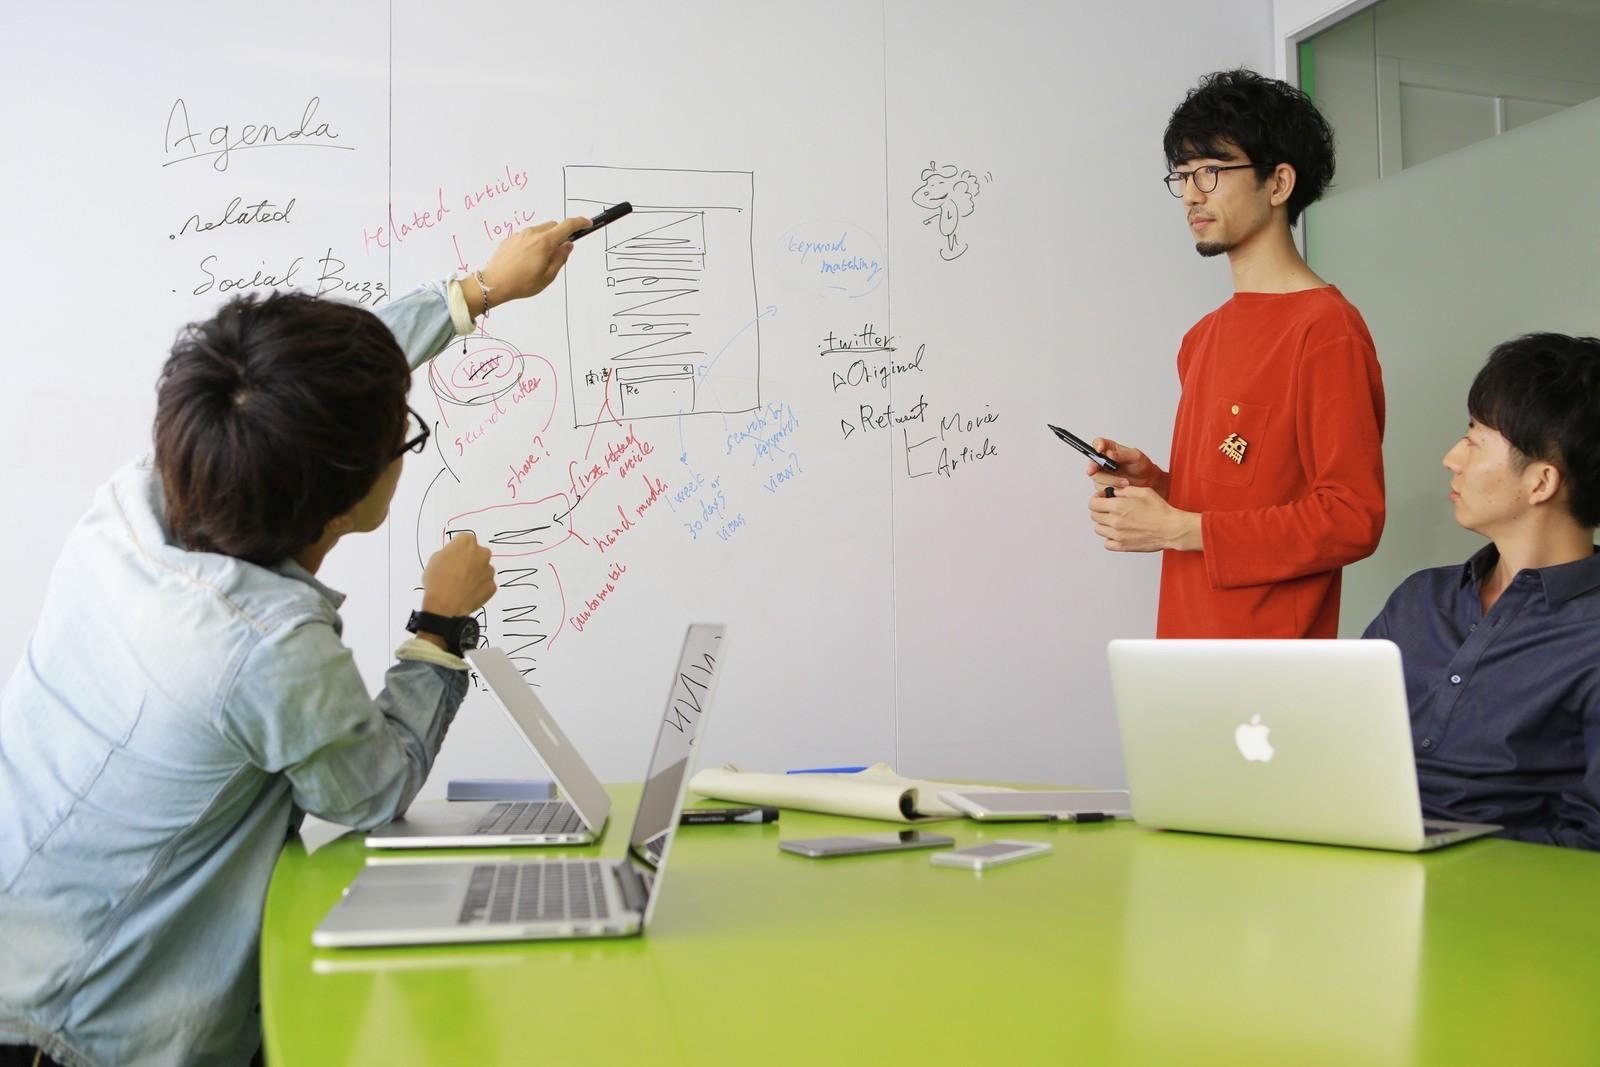 福祉・教育課題を技術で解決するアプリケーションエンジニアを募集!